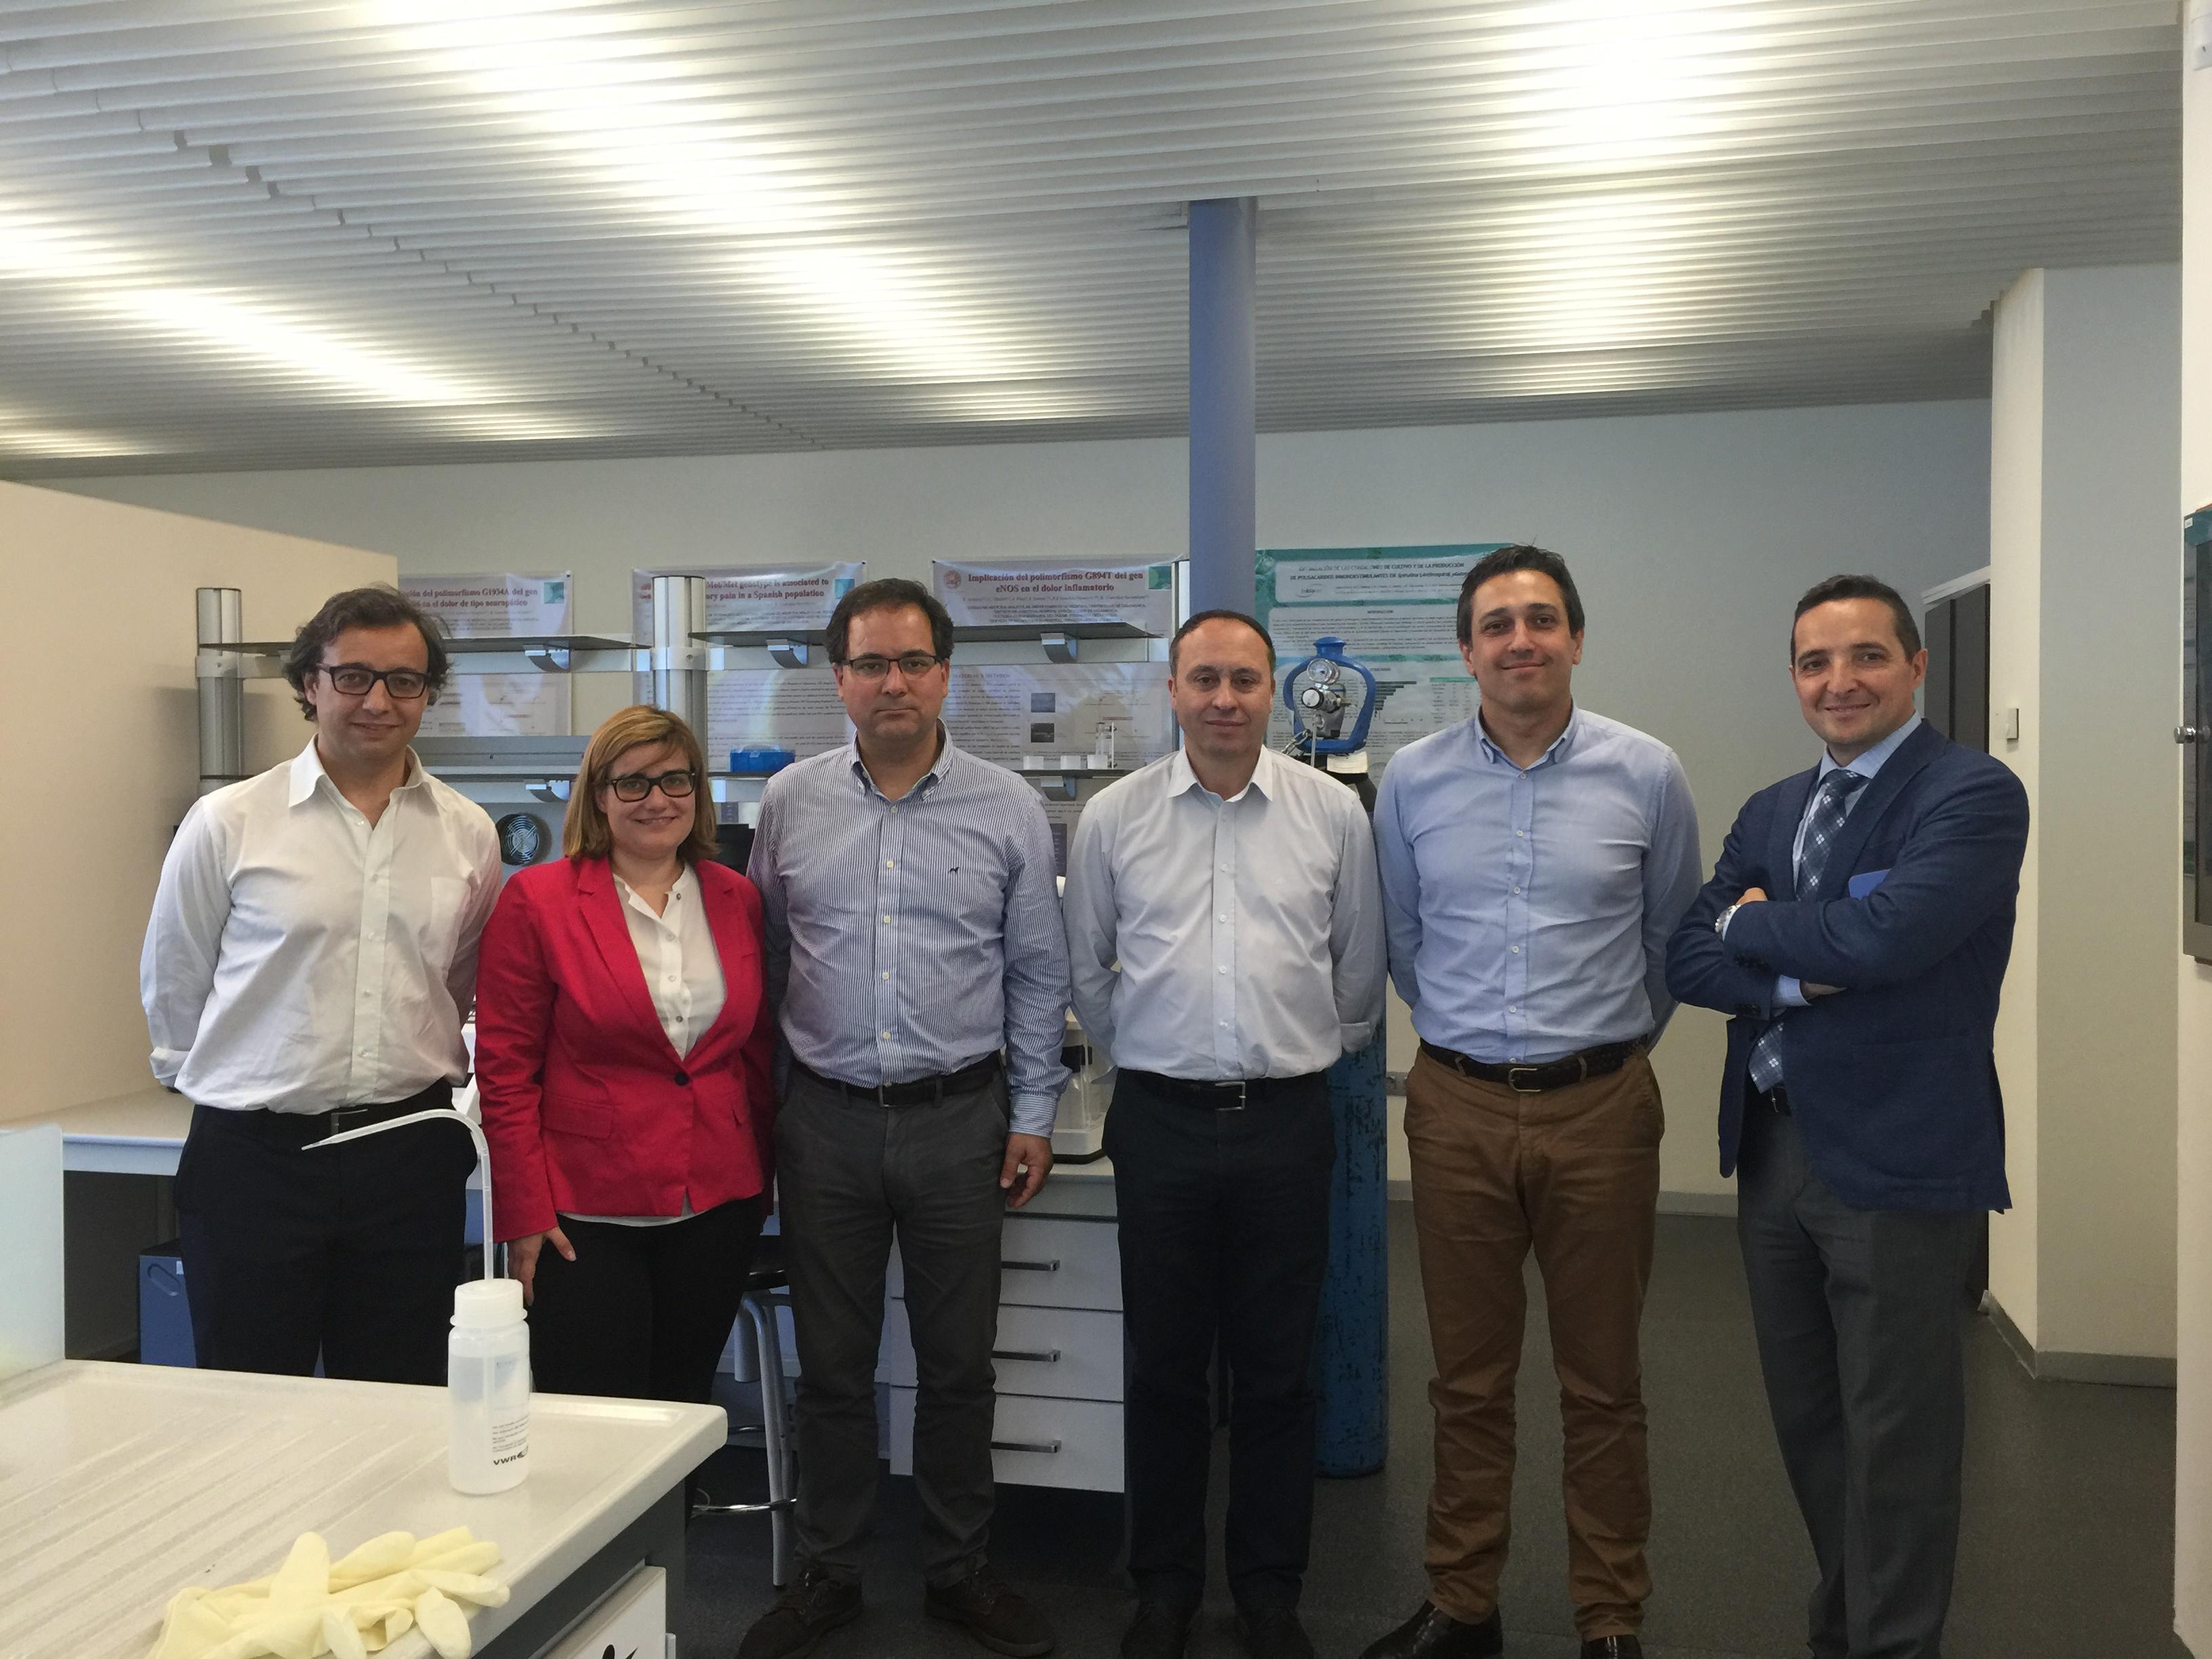 Una delegación de responsables de parques científicos y tecnológicos de Portugal visita el Parque Científico USAL